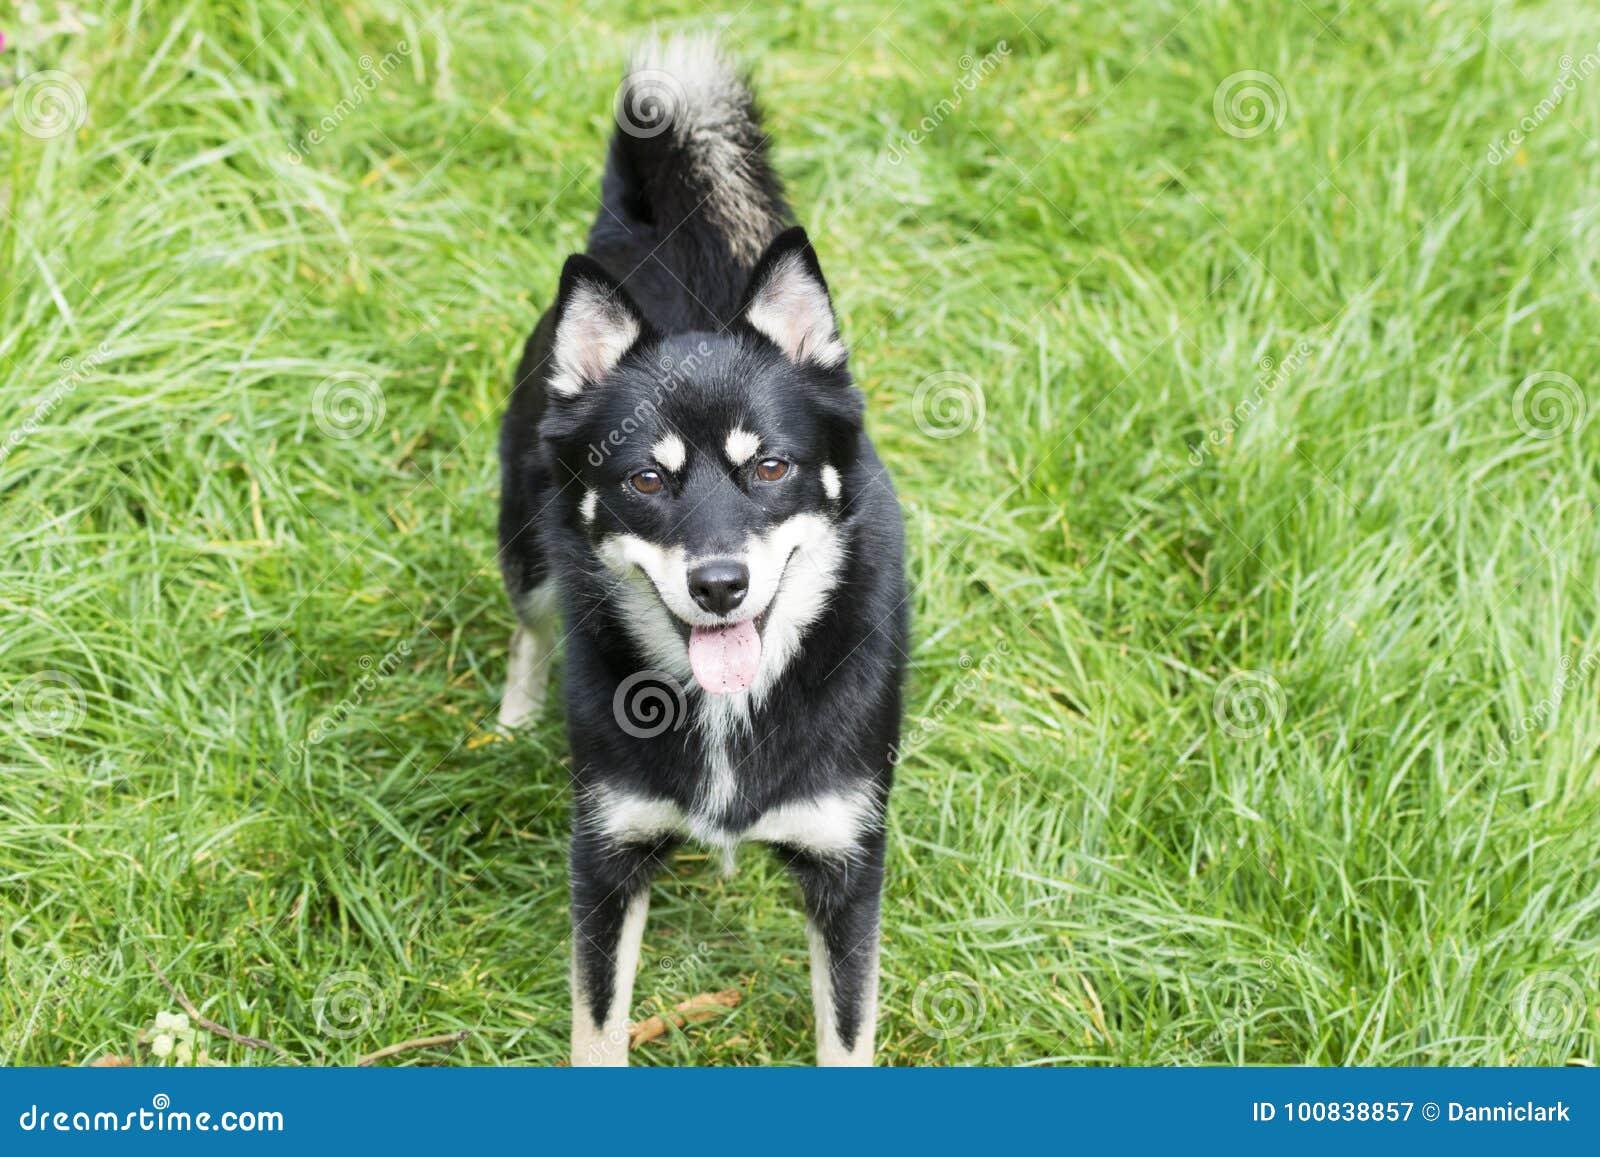 Dog - Pomsky